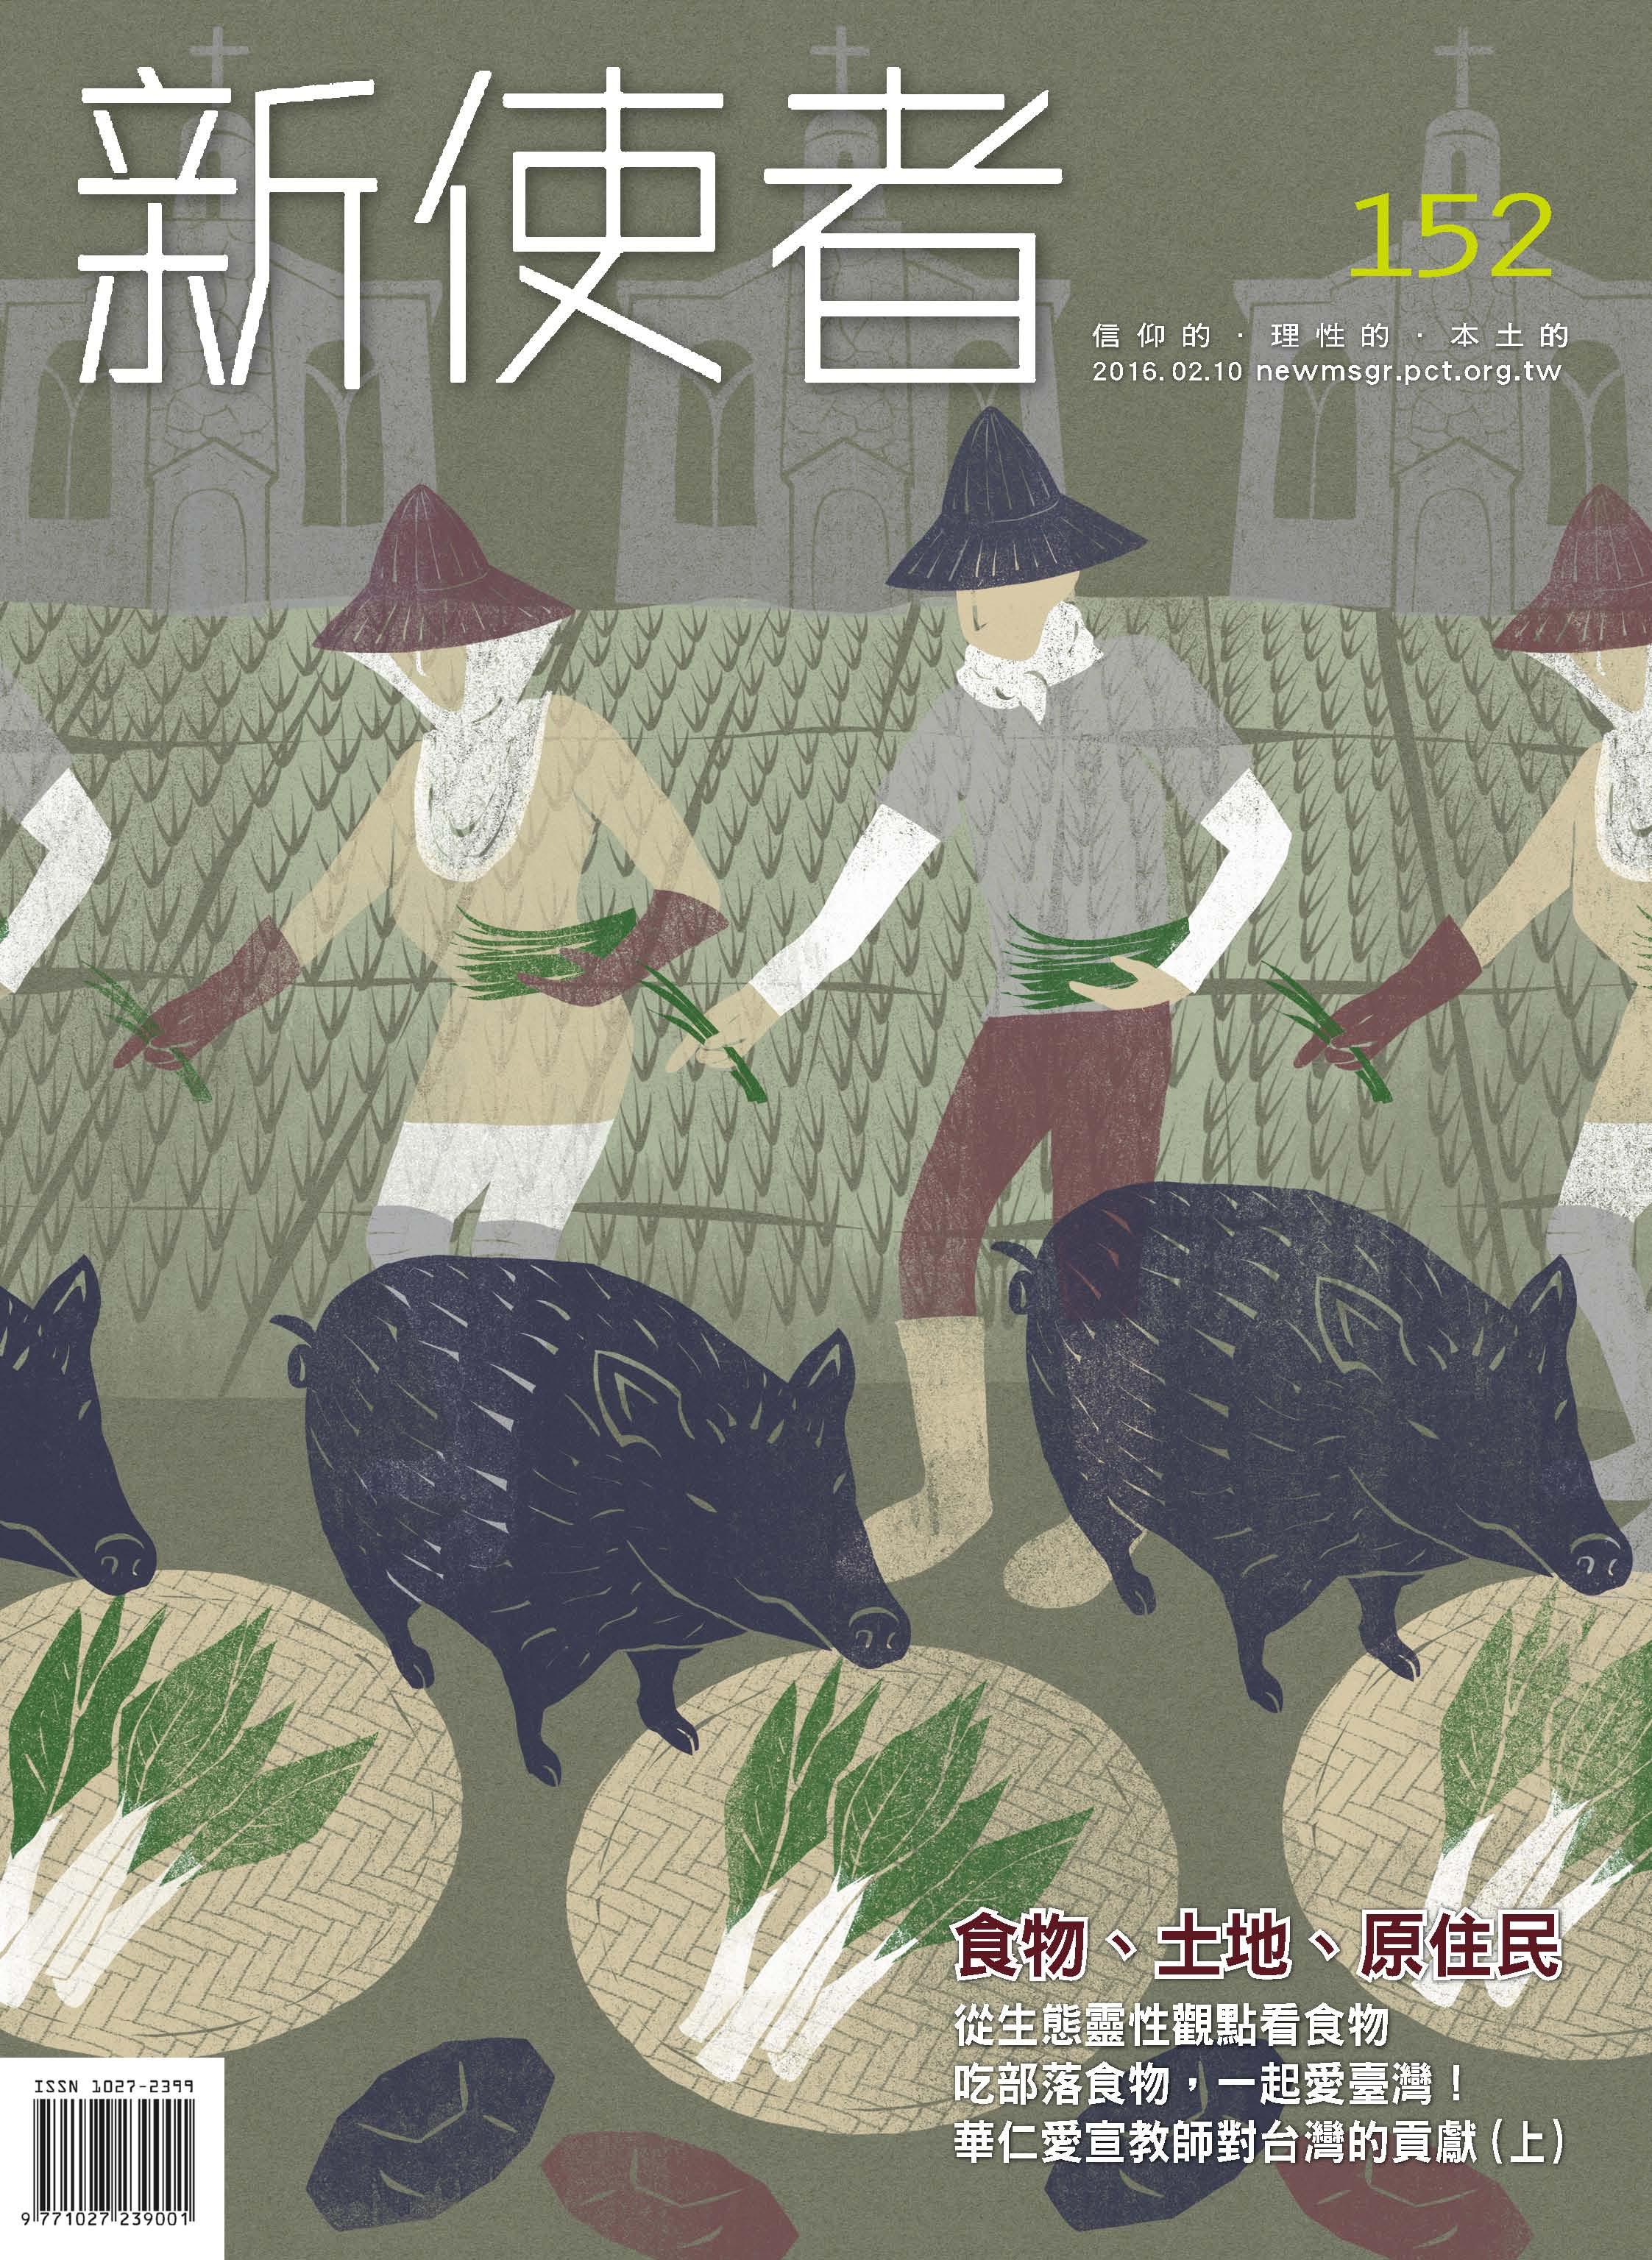 新使者雜誌 The New Messenger  152期  2016年  2月 食物、土地、原住民